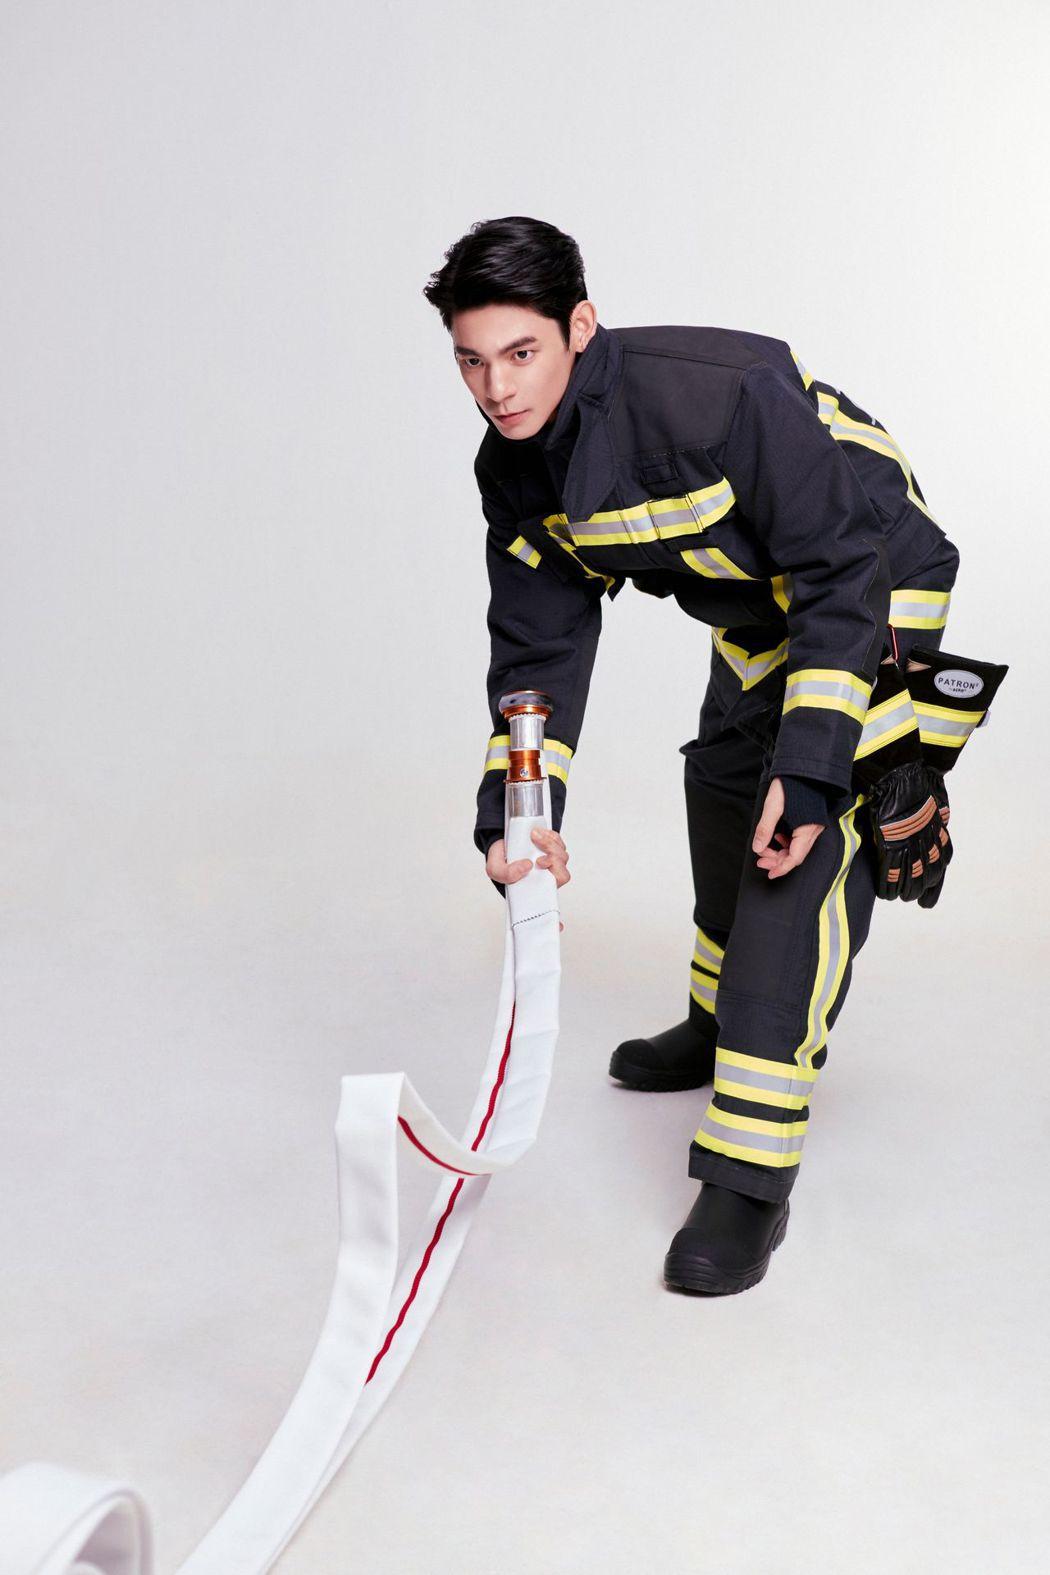 林柏宏擔任消防大使再度穿上消防制服帥氣爆表。圖/林柏宏經紀人提供